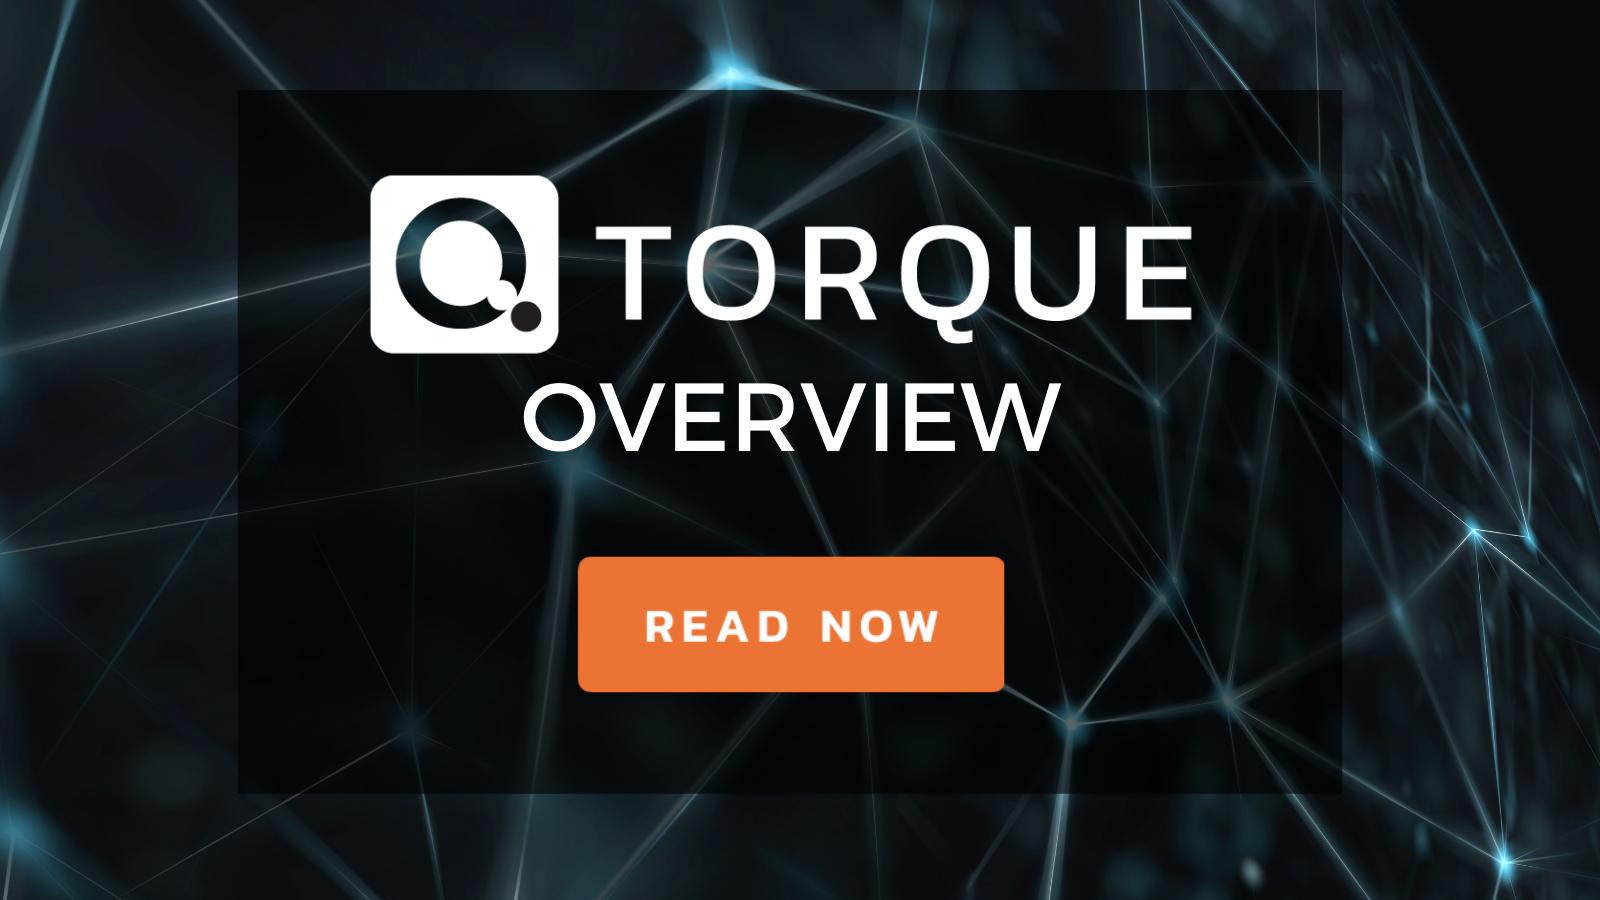 Torque Overview